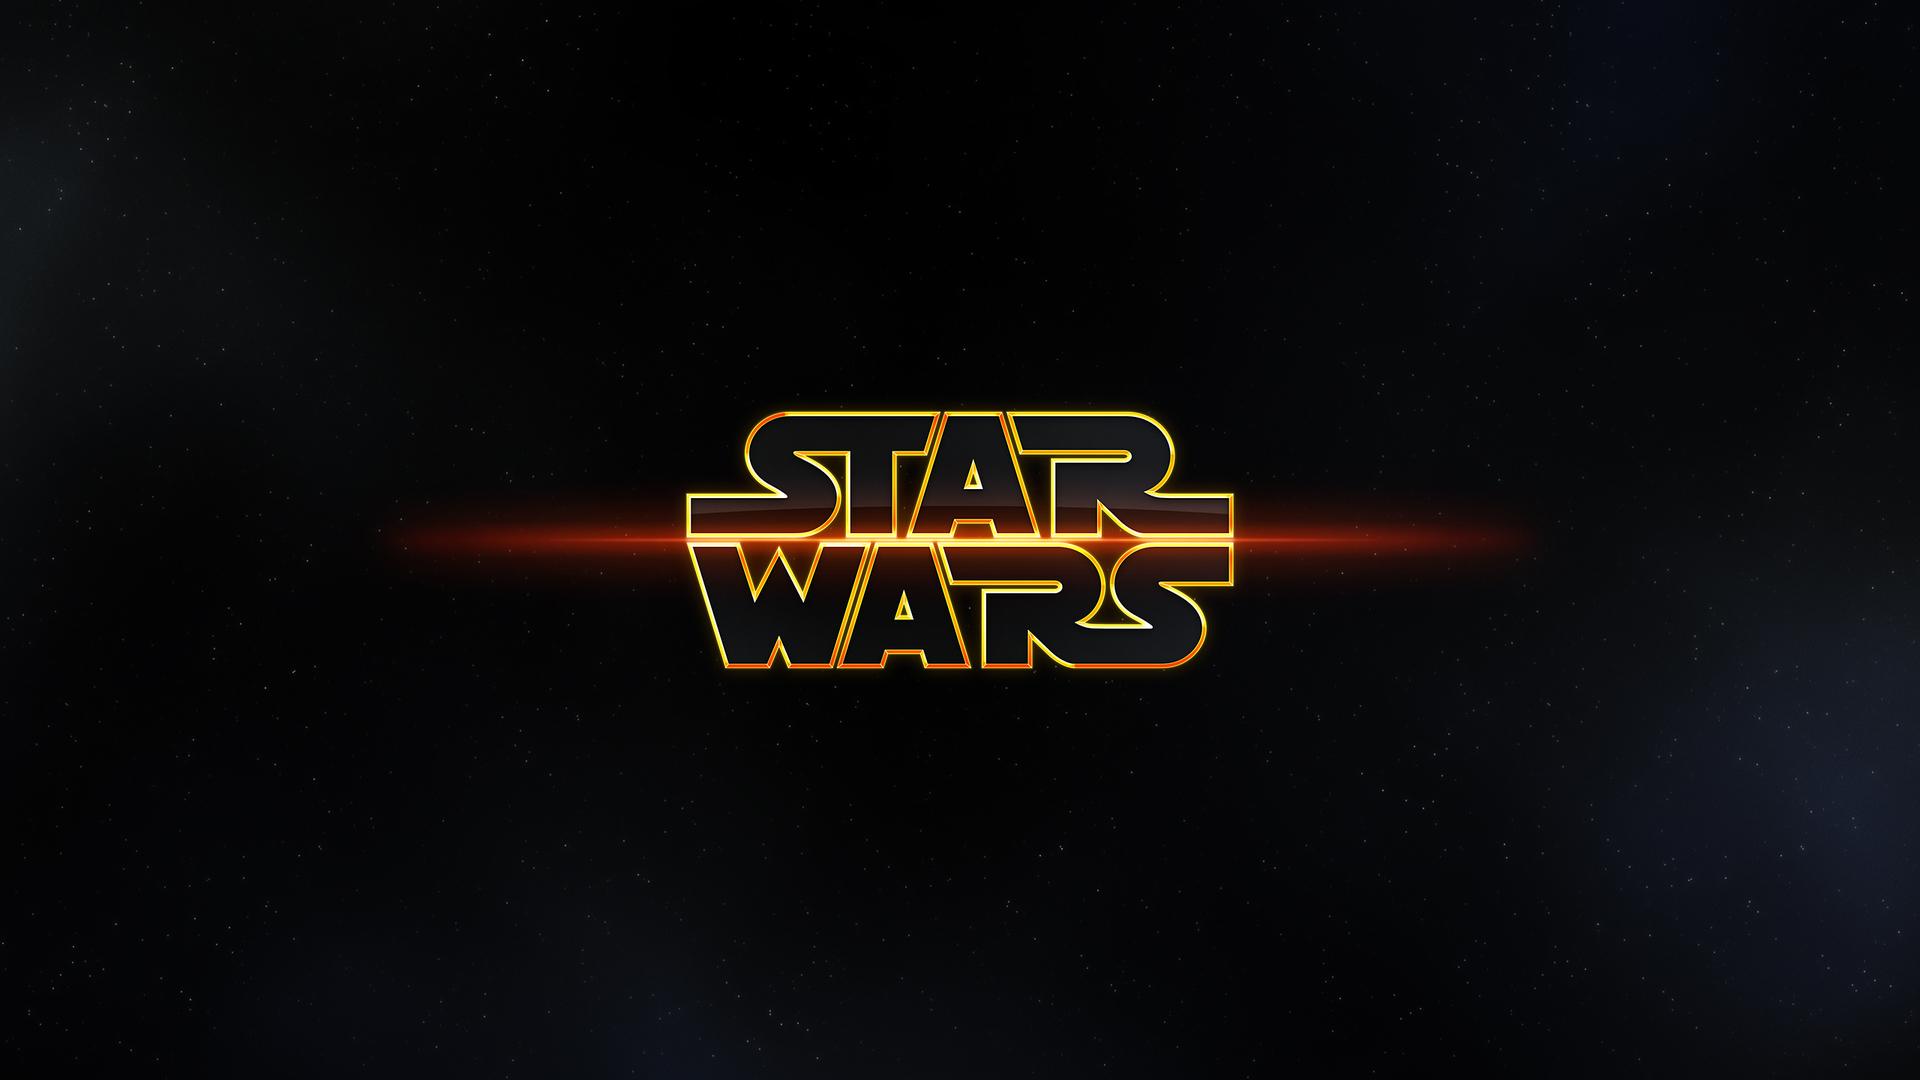 Star Wars 1920x1080